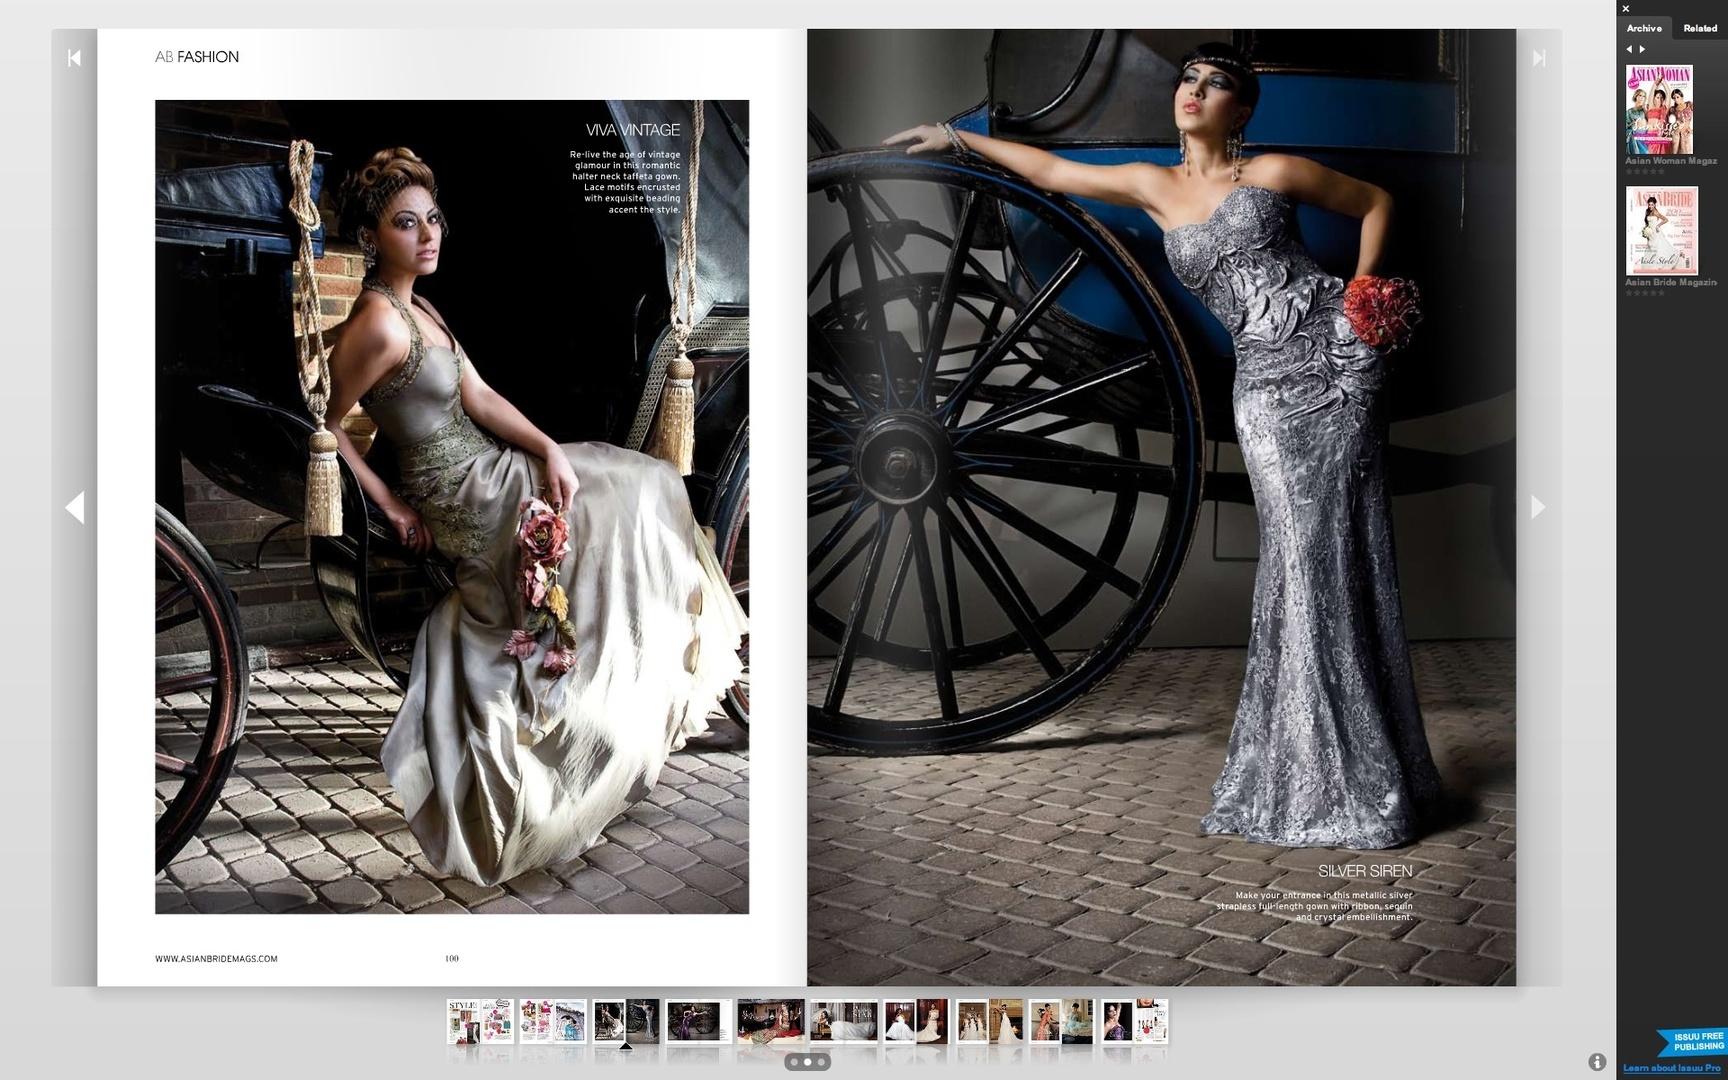 asian woman website screenshots 13.jpeg